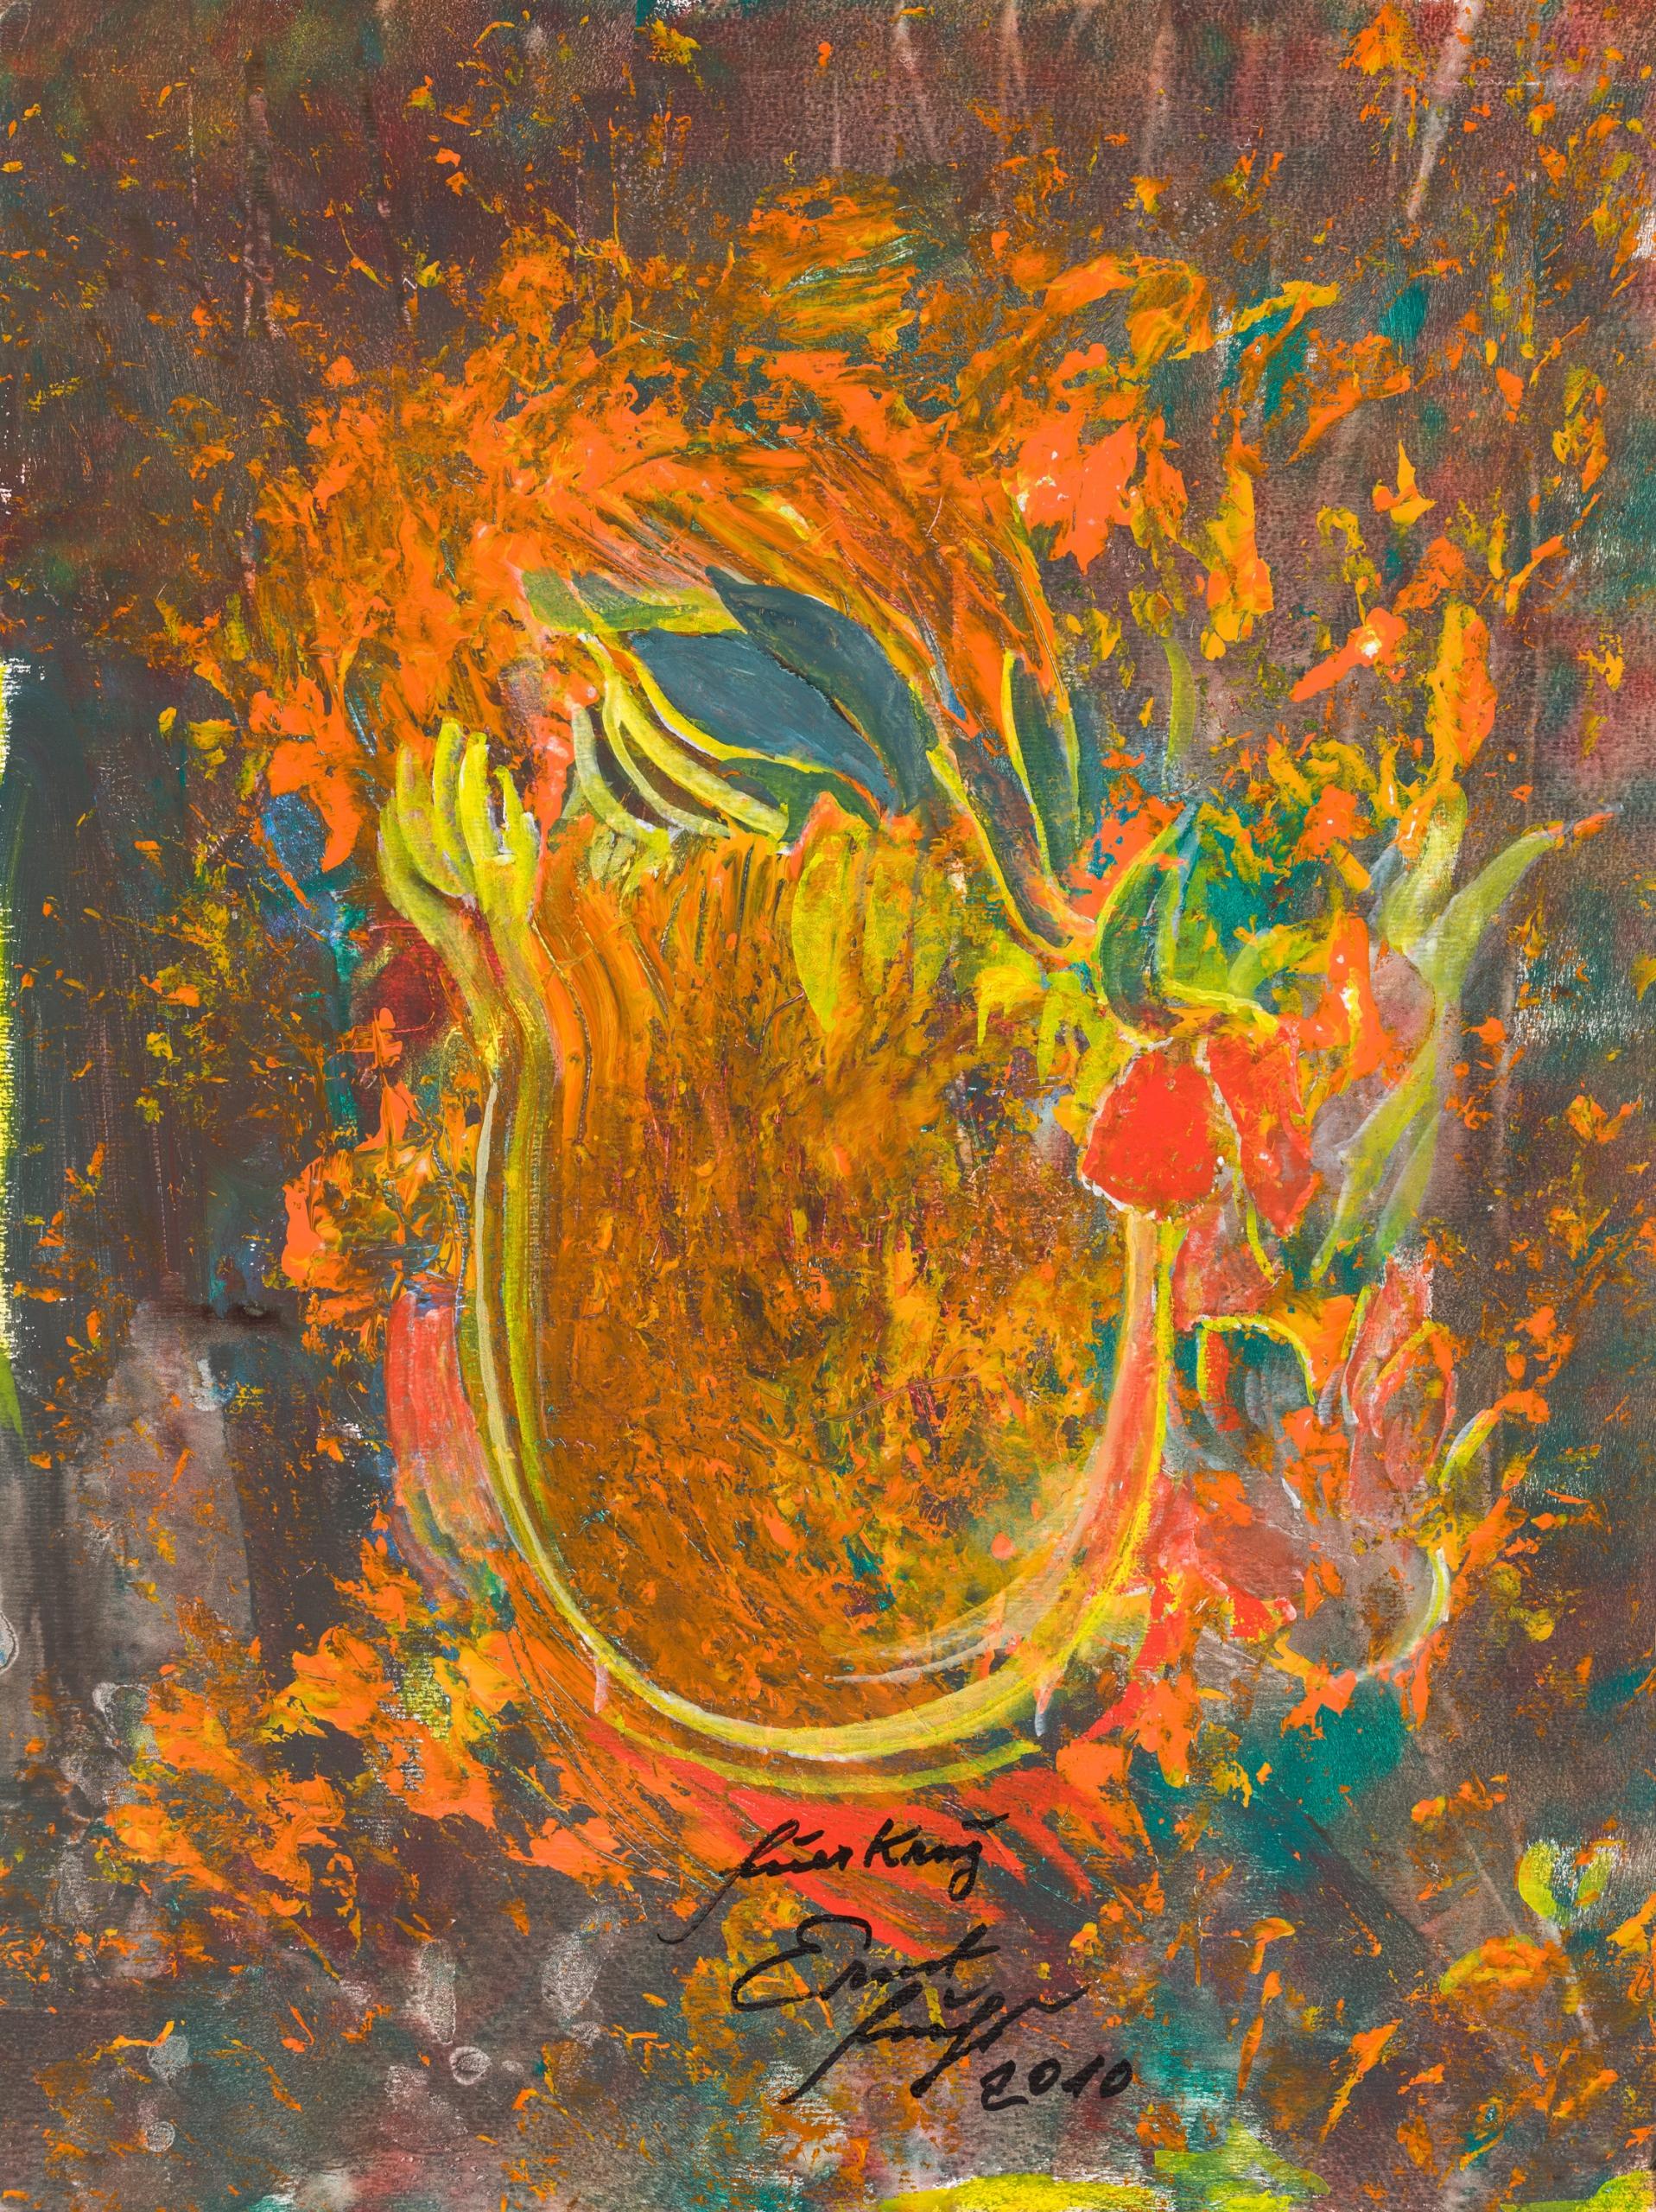 Ernst Fuchs, Feuerkrug